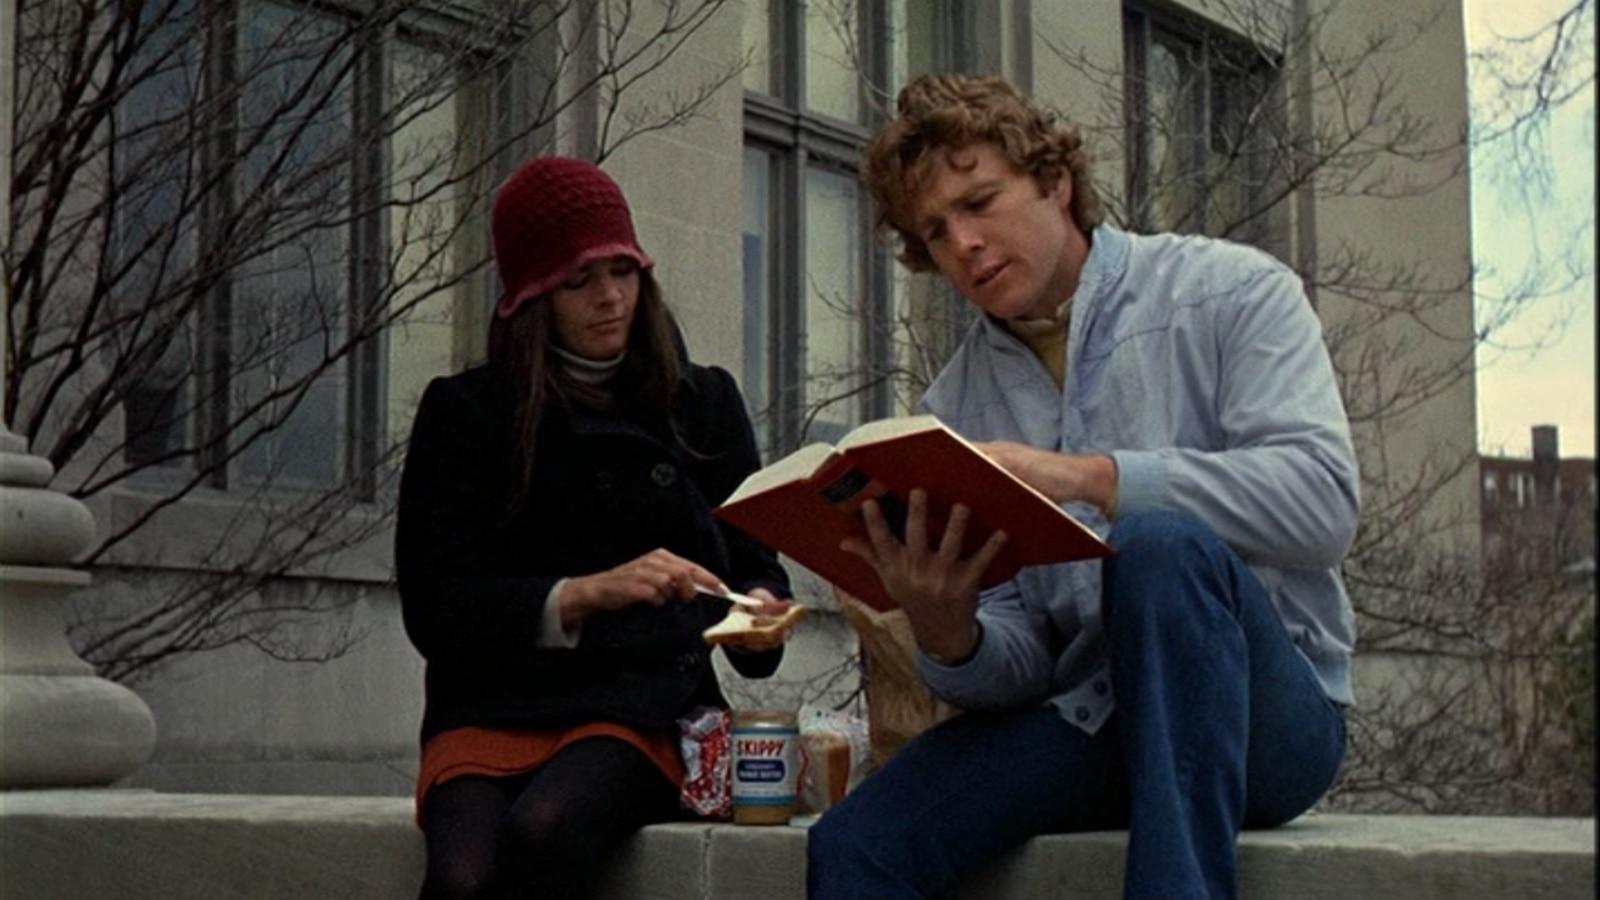 Assis sur un muret, une jeune femme tartine une toast et un jeune homme lit un livre.